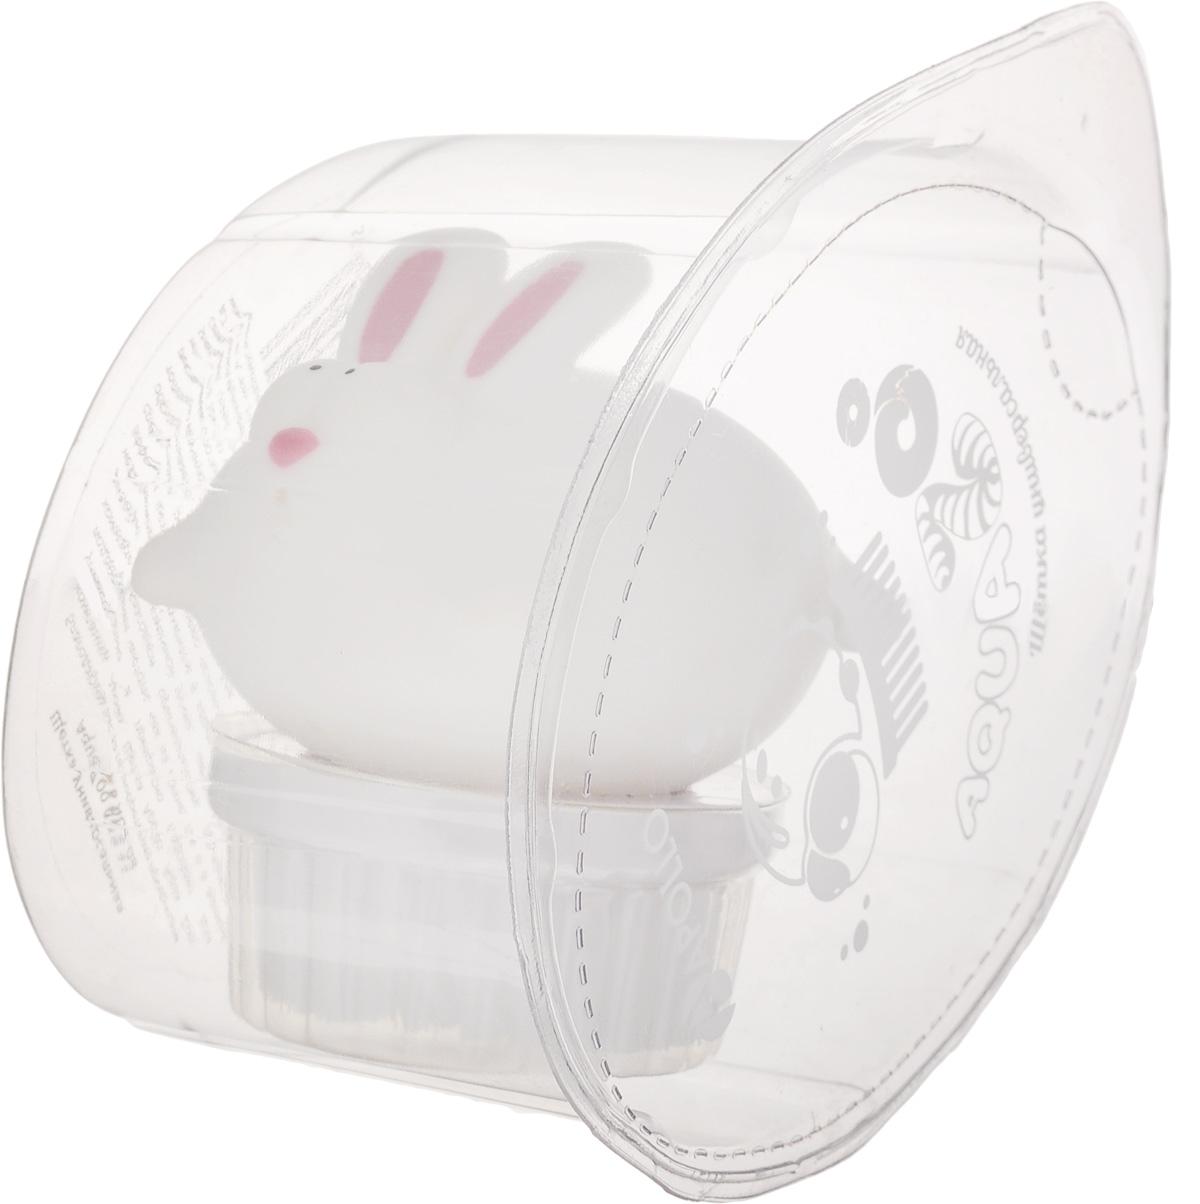 Щетка универсальная Apollo AquaZoo. КроликAQZ-08_кролЩетка Apollo AquaZoo. Кролик, изготовленная из пищевого пластика и нейлона, выполнена в виде кролика. Она универсальна и прекрасно подойдет для поддержания чистоты, как на кухне, так и в ванной комнате. Благодаря оригинальному, дружелюбному дизайну и эргономичной ручке, такая щетка станет незаменимым инструментом в вашем доме. Для наилучшего эффекта щетку необходимо использовать вместе с чистящими средствами, рекомендованными для поверхностей, которые вы обрабатываете. Нельзя мыть в посудомоечной машине. Не использовать для мытья щетки абразивные вещества. Длина ворса: 1,5 см. Диаметр рабочей поверхности: 5 см.